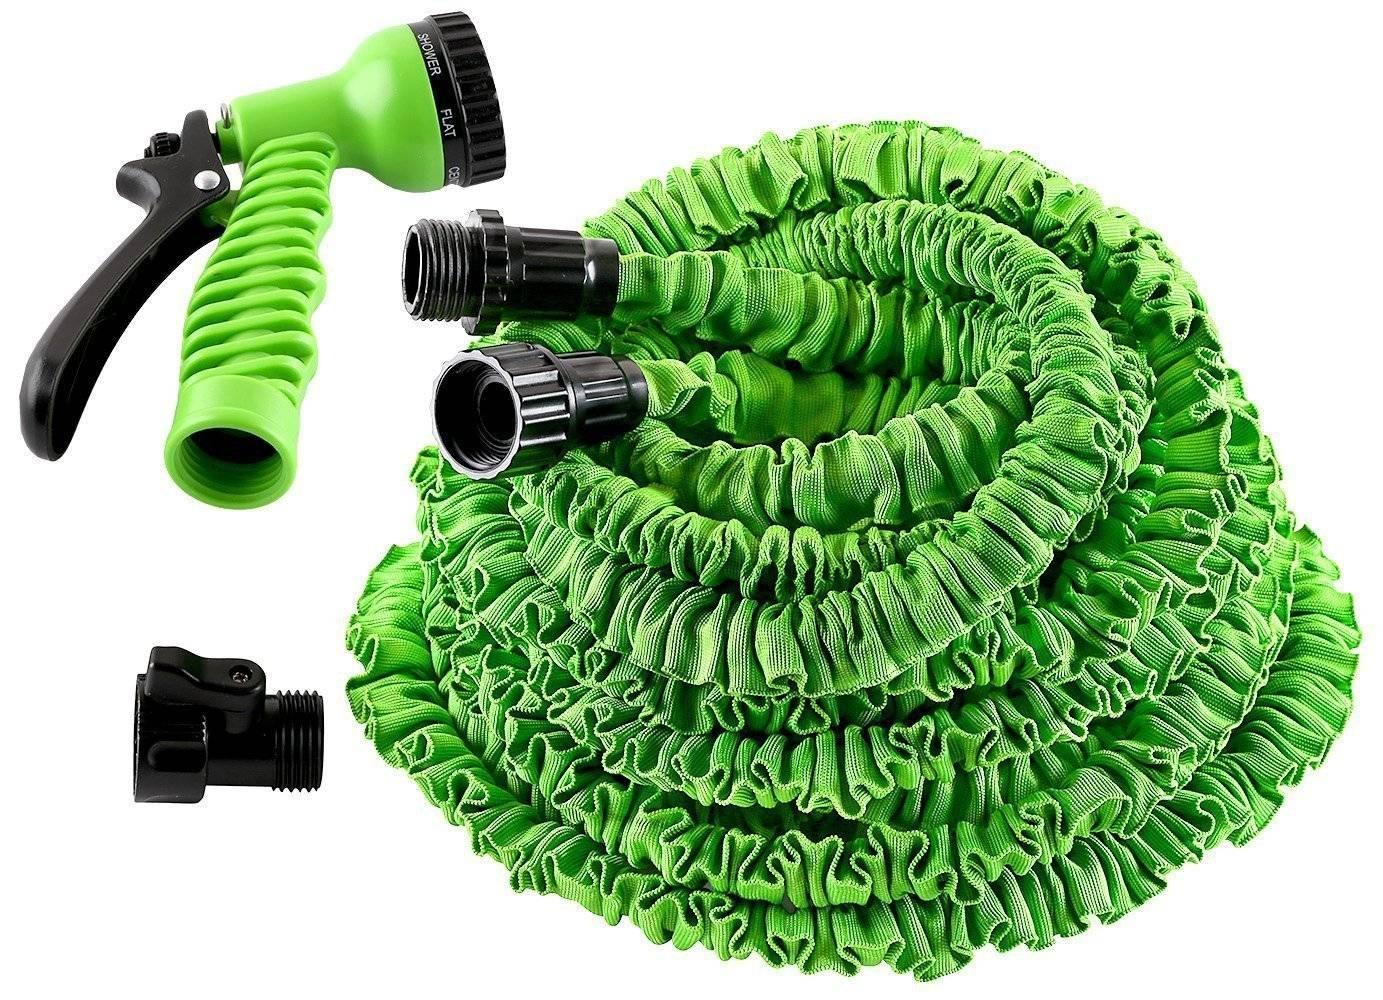 Морозостойкий шланг для воды: выбираем незамерзающий морозоустойчивый шланг для заливки катка на улице. какой шланг лучше использовать зимой?